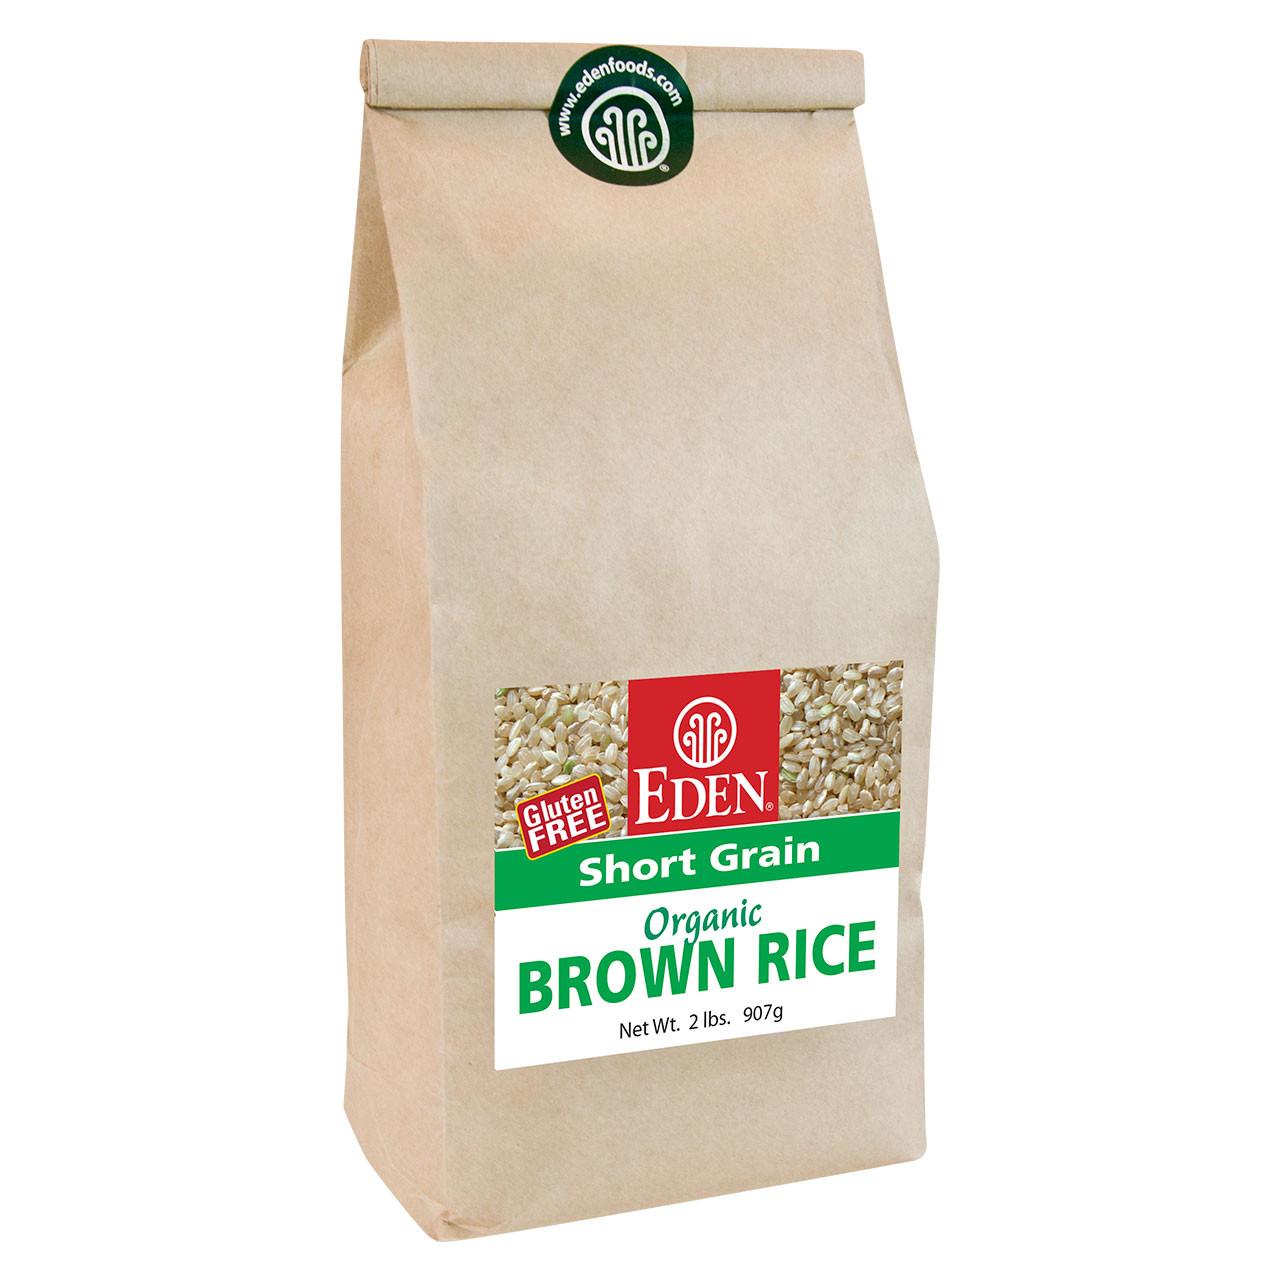 Short Grain Brown Rice, Organic - 2 lb